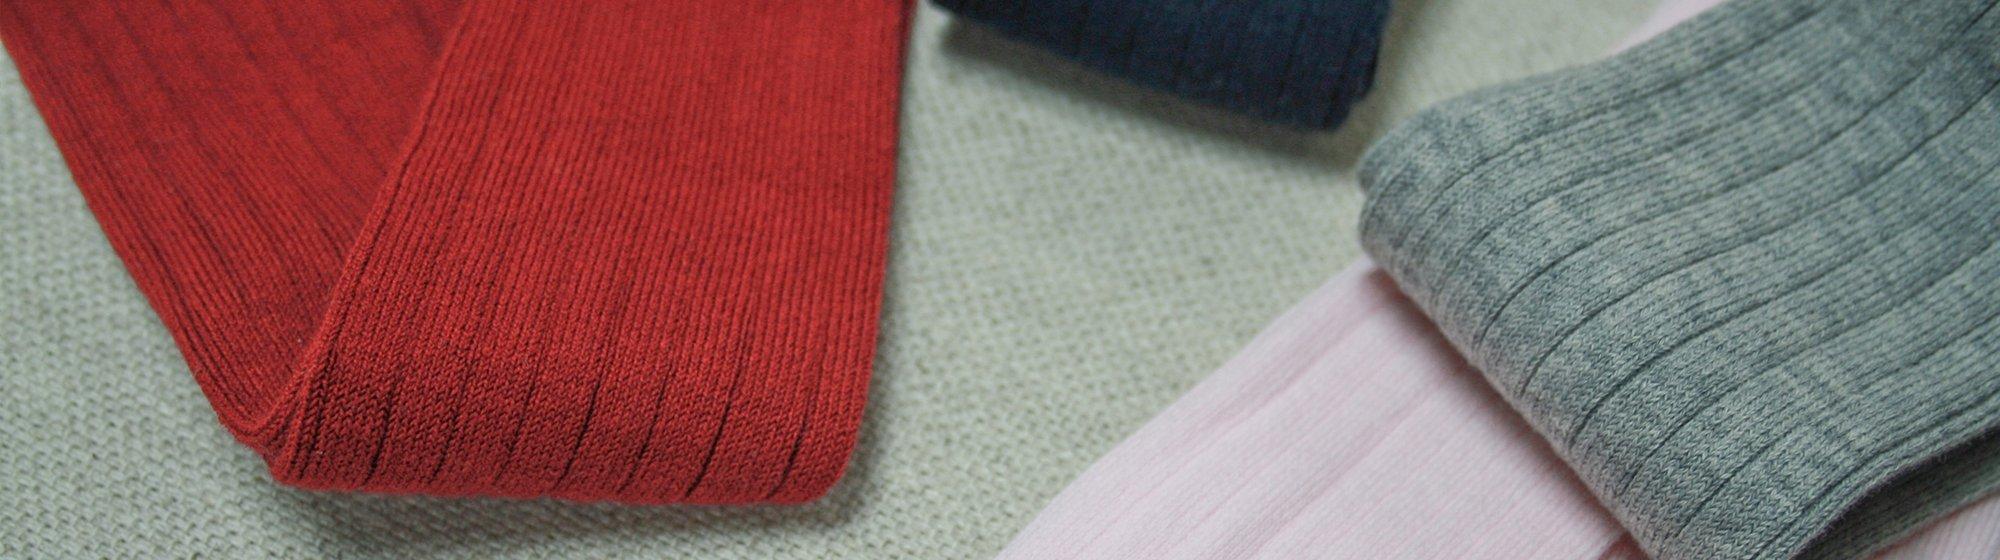 Leotardos y Textil Condor